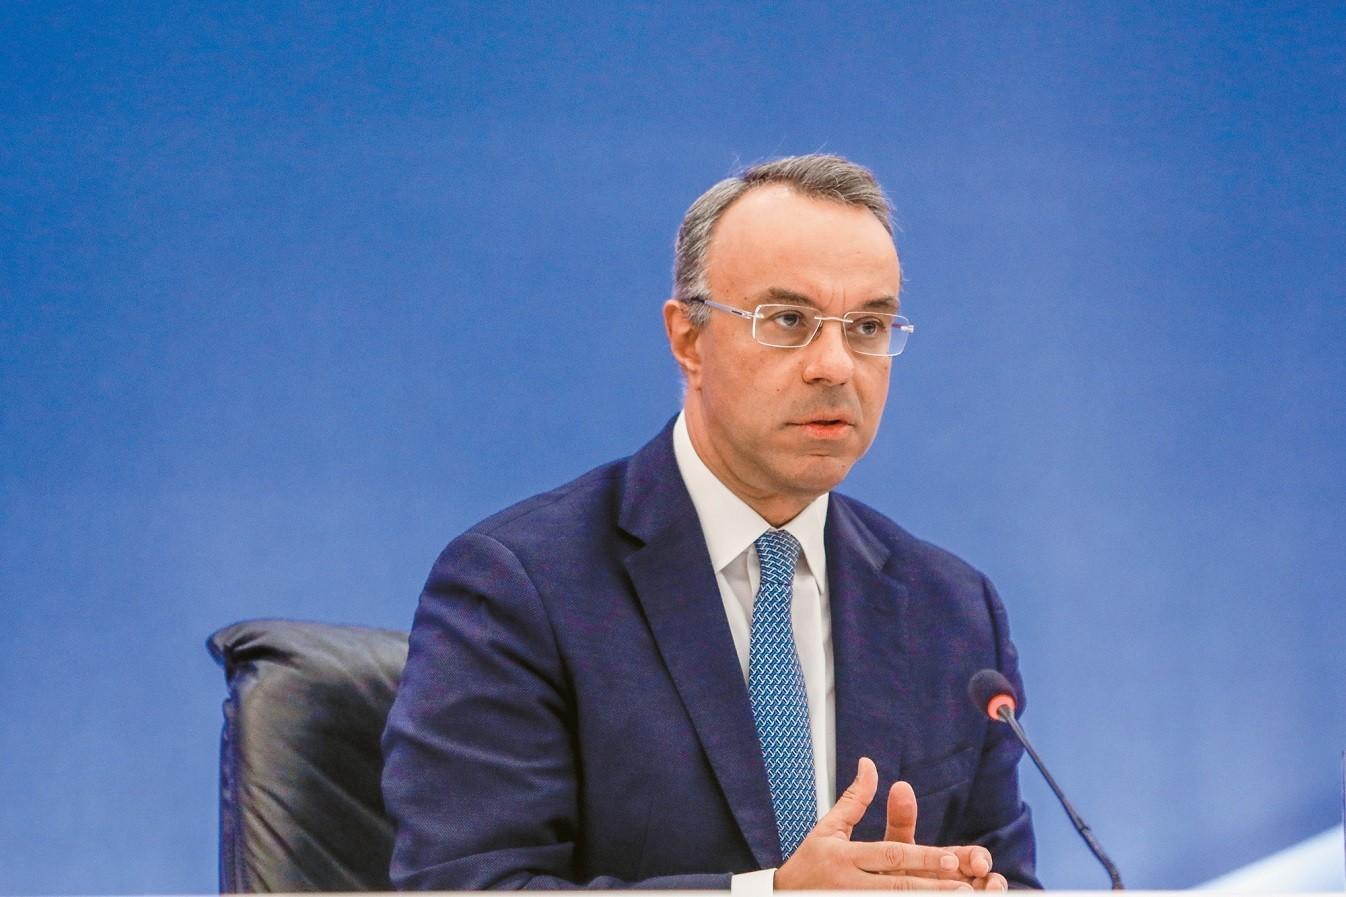 Σταϊκούρας: Συναντήσεις με τραπεζίτες και διοικήσεις σε Επιτροπή Κεφαλαιαγοράς και Χρηματιστήριο – Τι είπαν